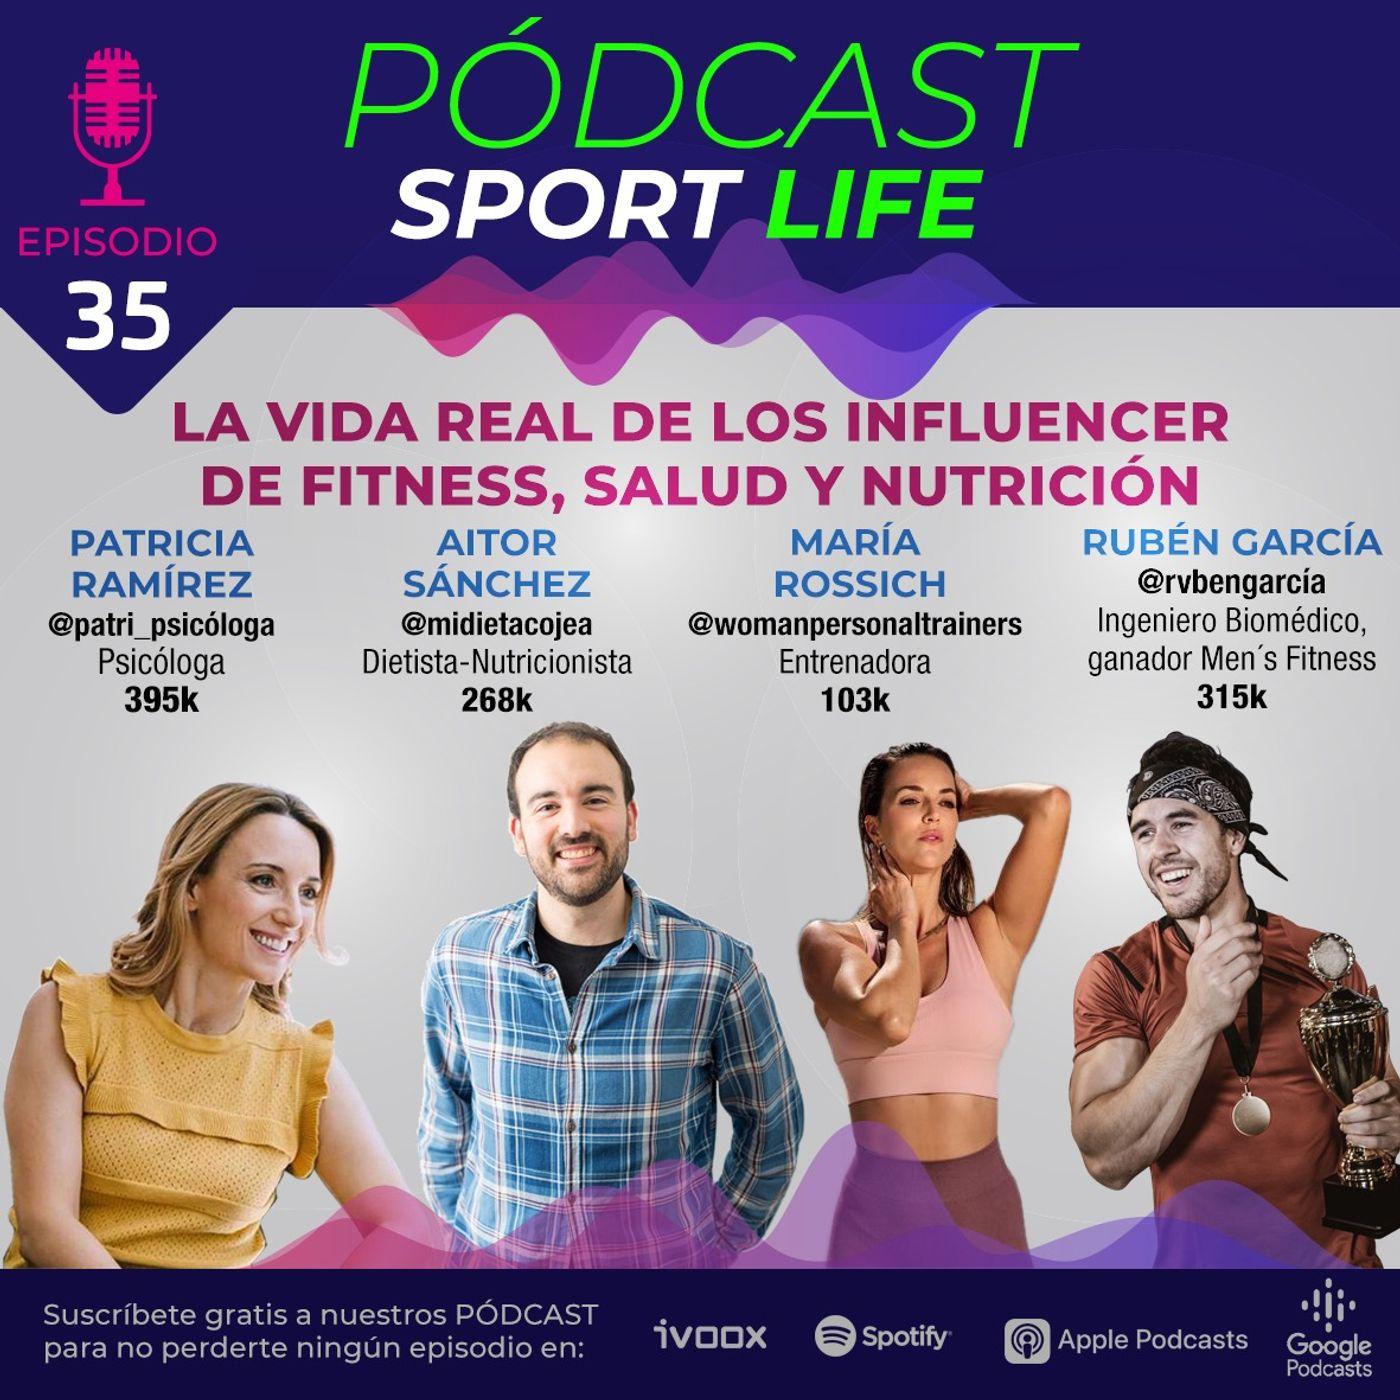 PODCAST SPL #35 - La vida real de los influencers de Fitness, Nutrición y Salud